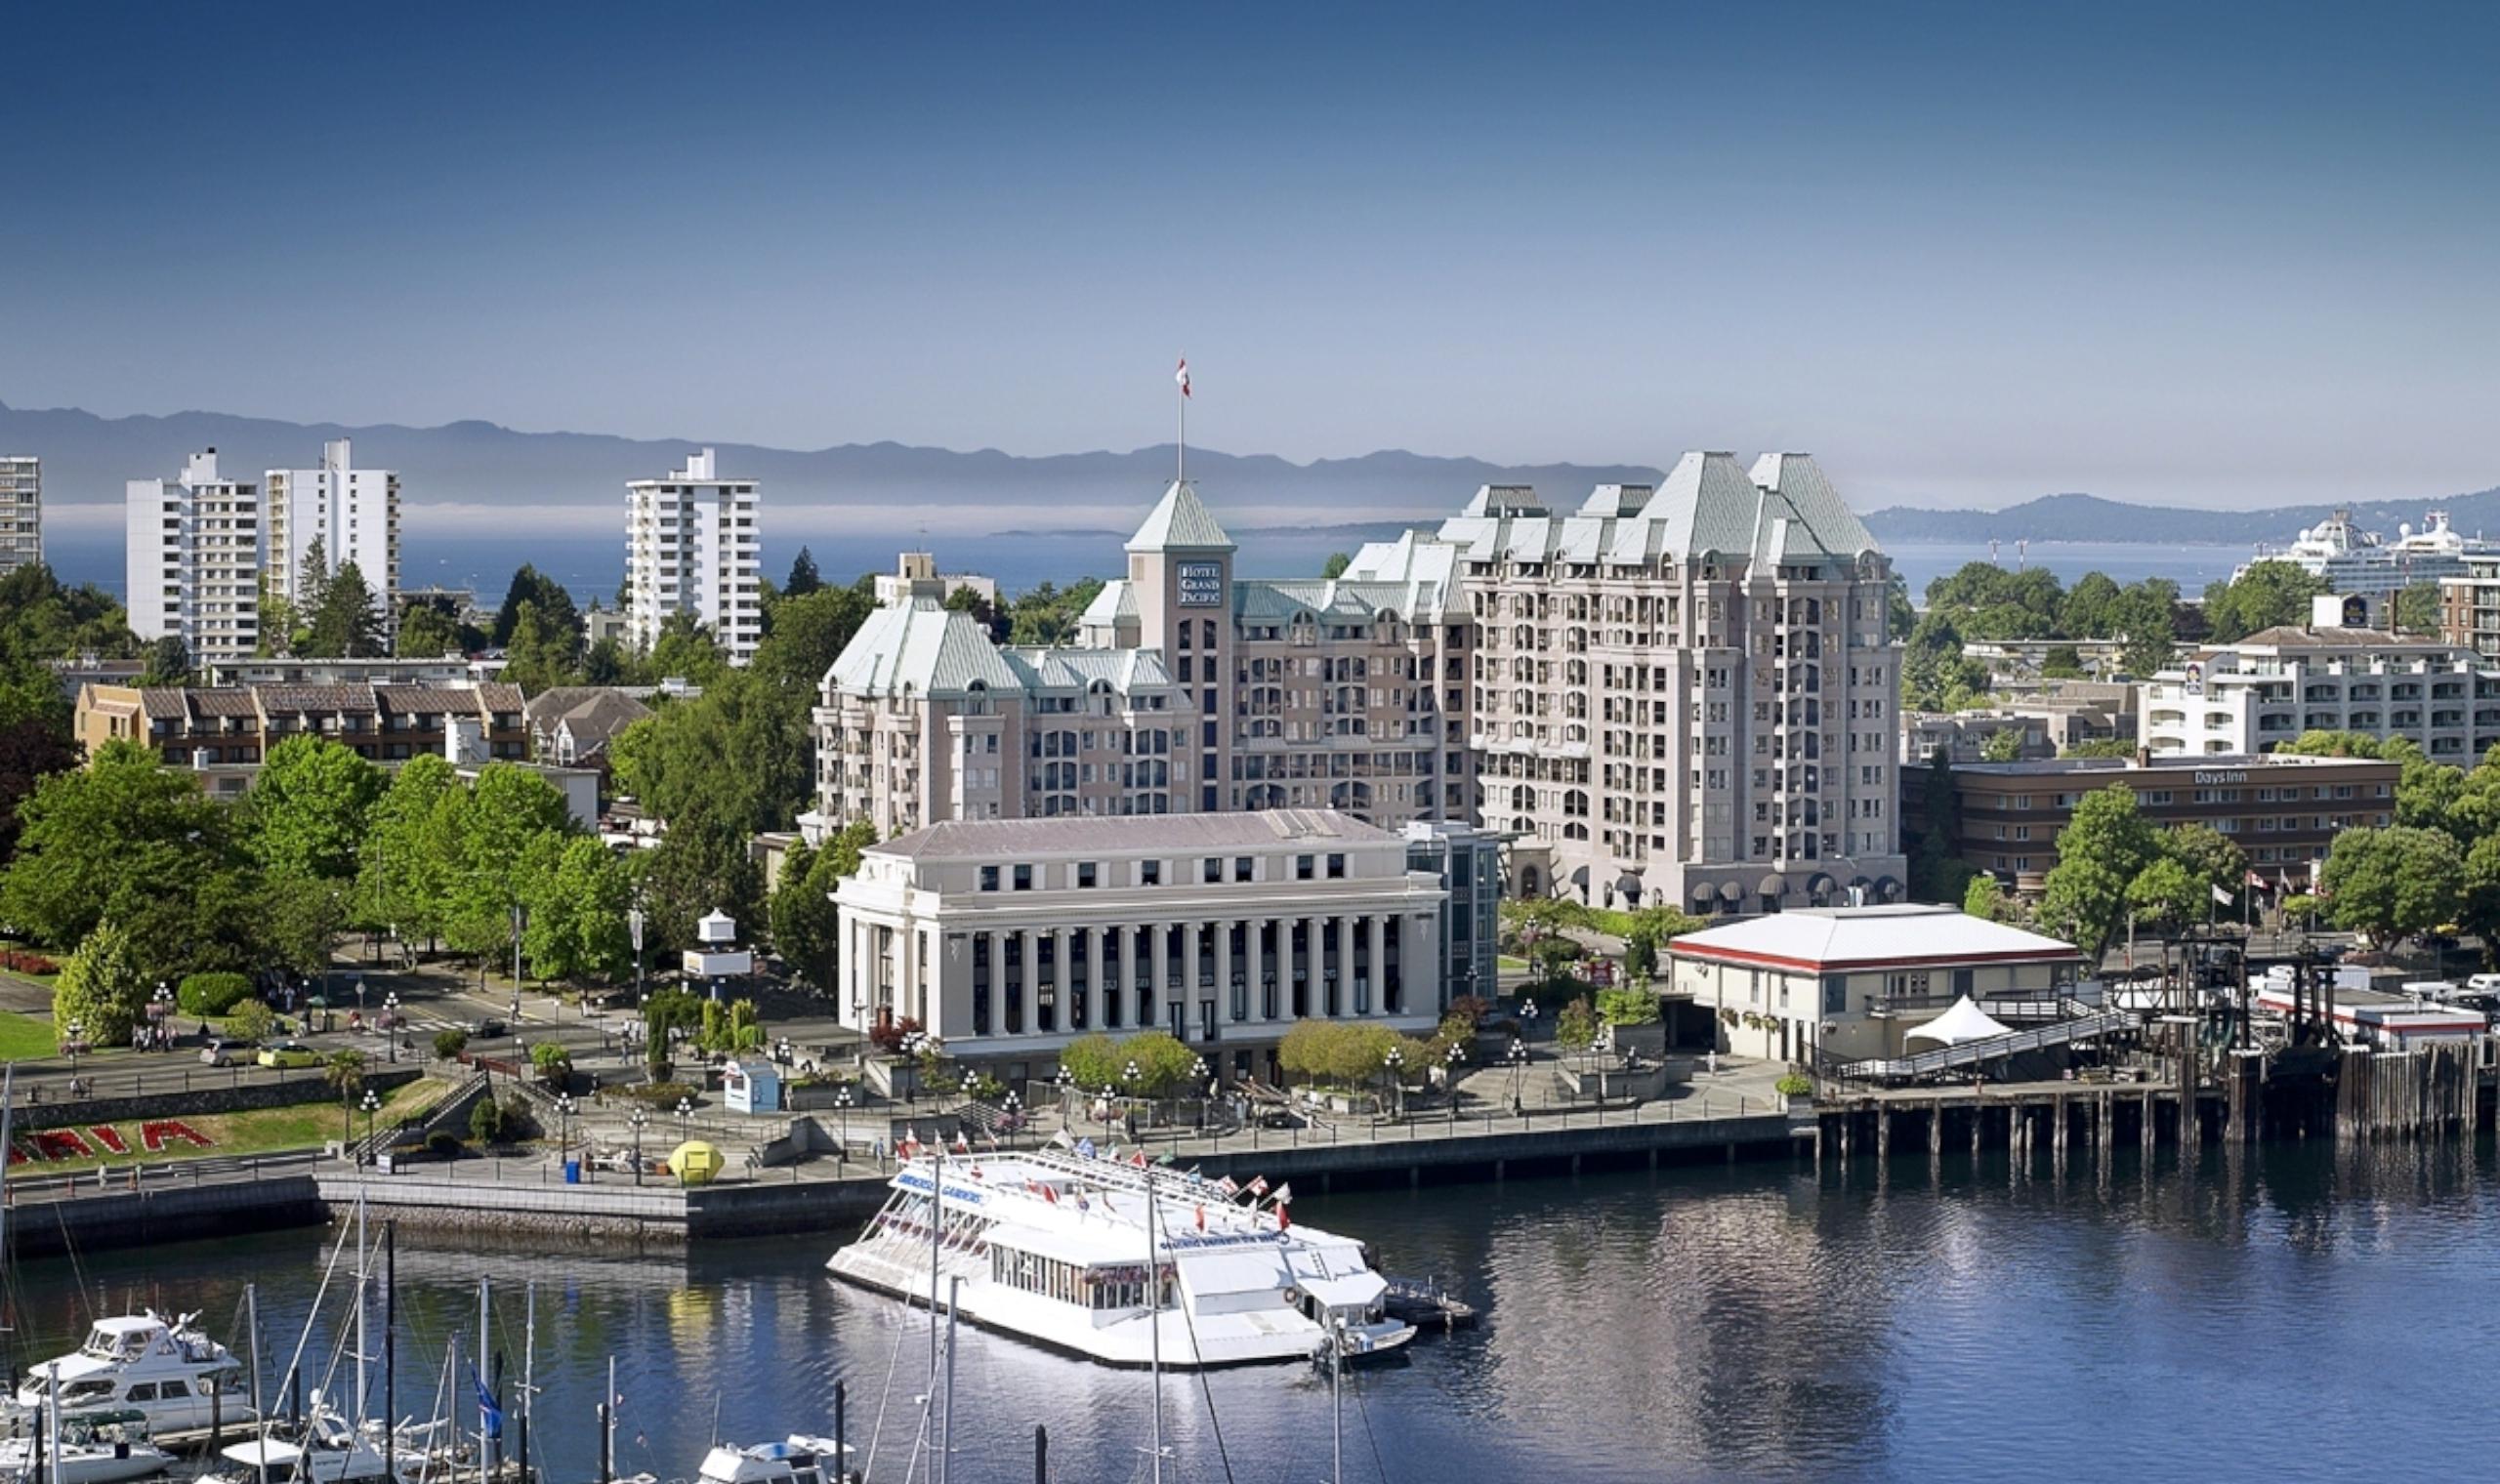 Hotel Exterior: Hotel Grand Pacific - Victoria